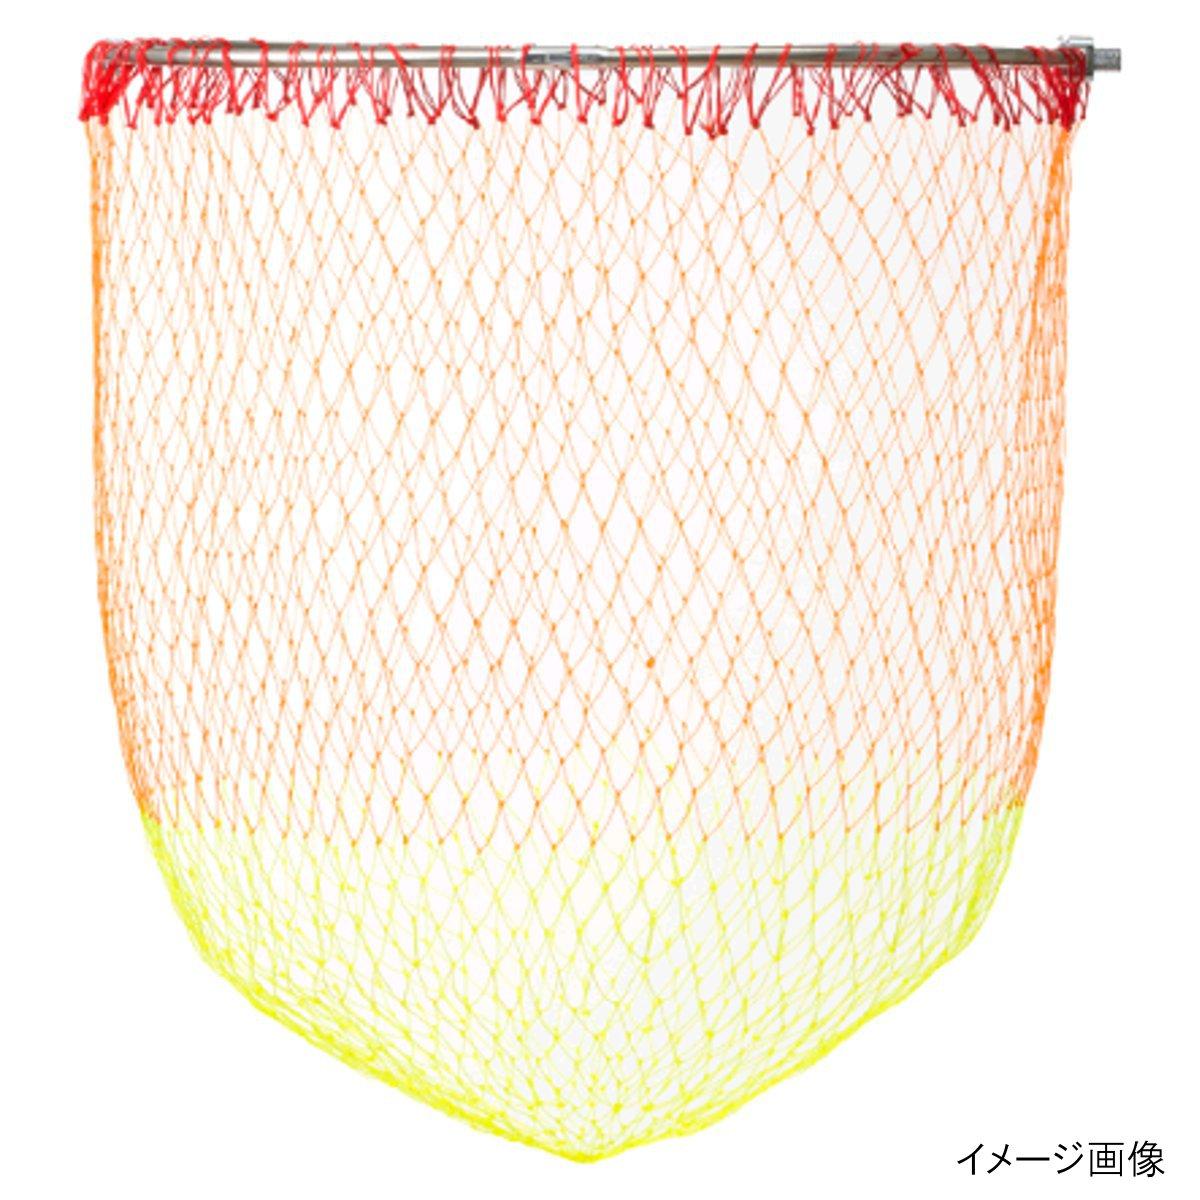 ダイワ 磯玉枠 網付き(A) 4-60 オレンジ/イエロー